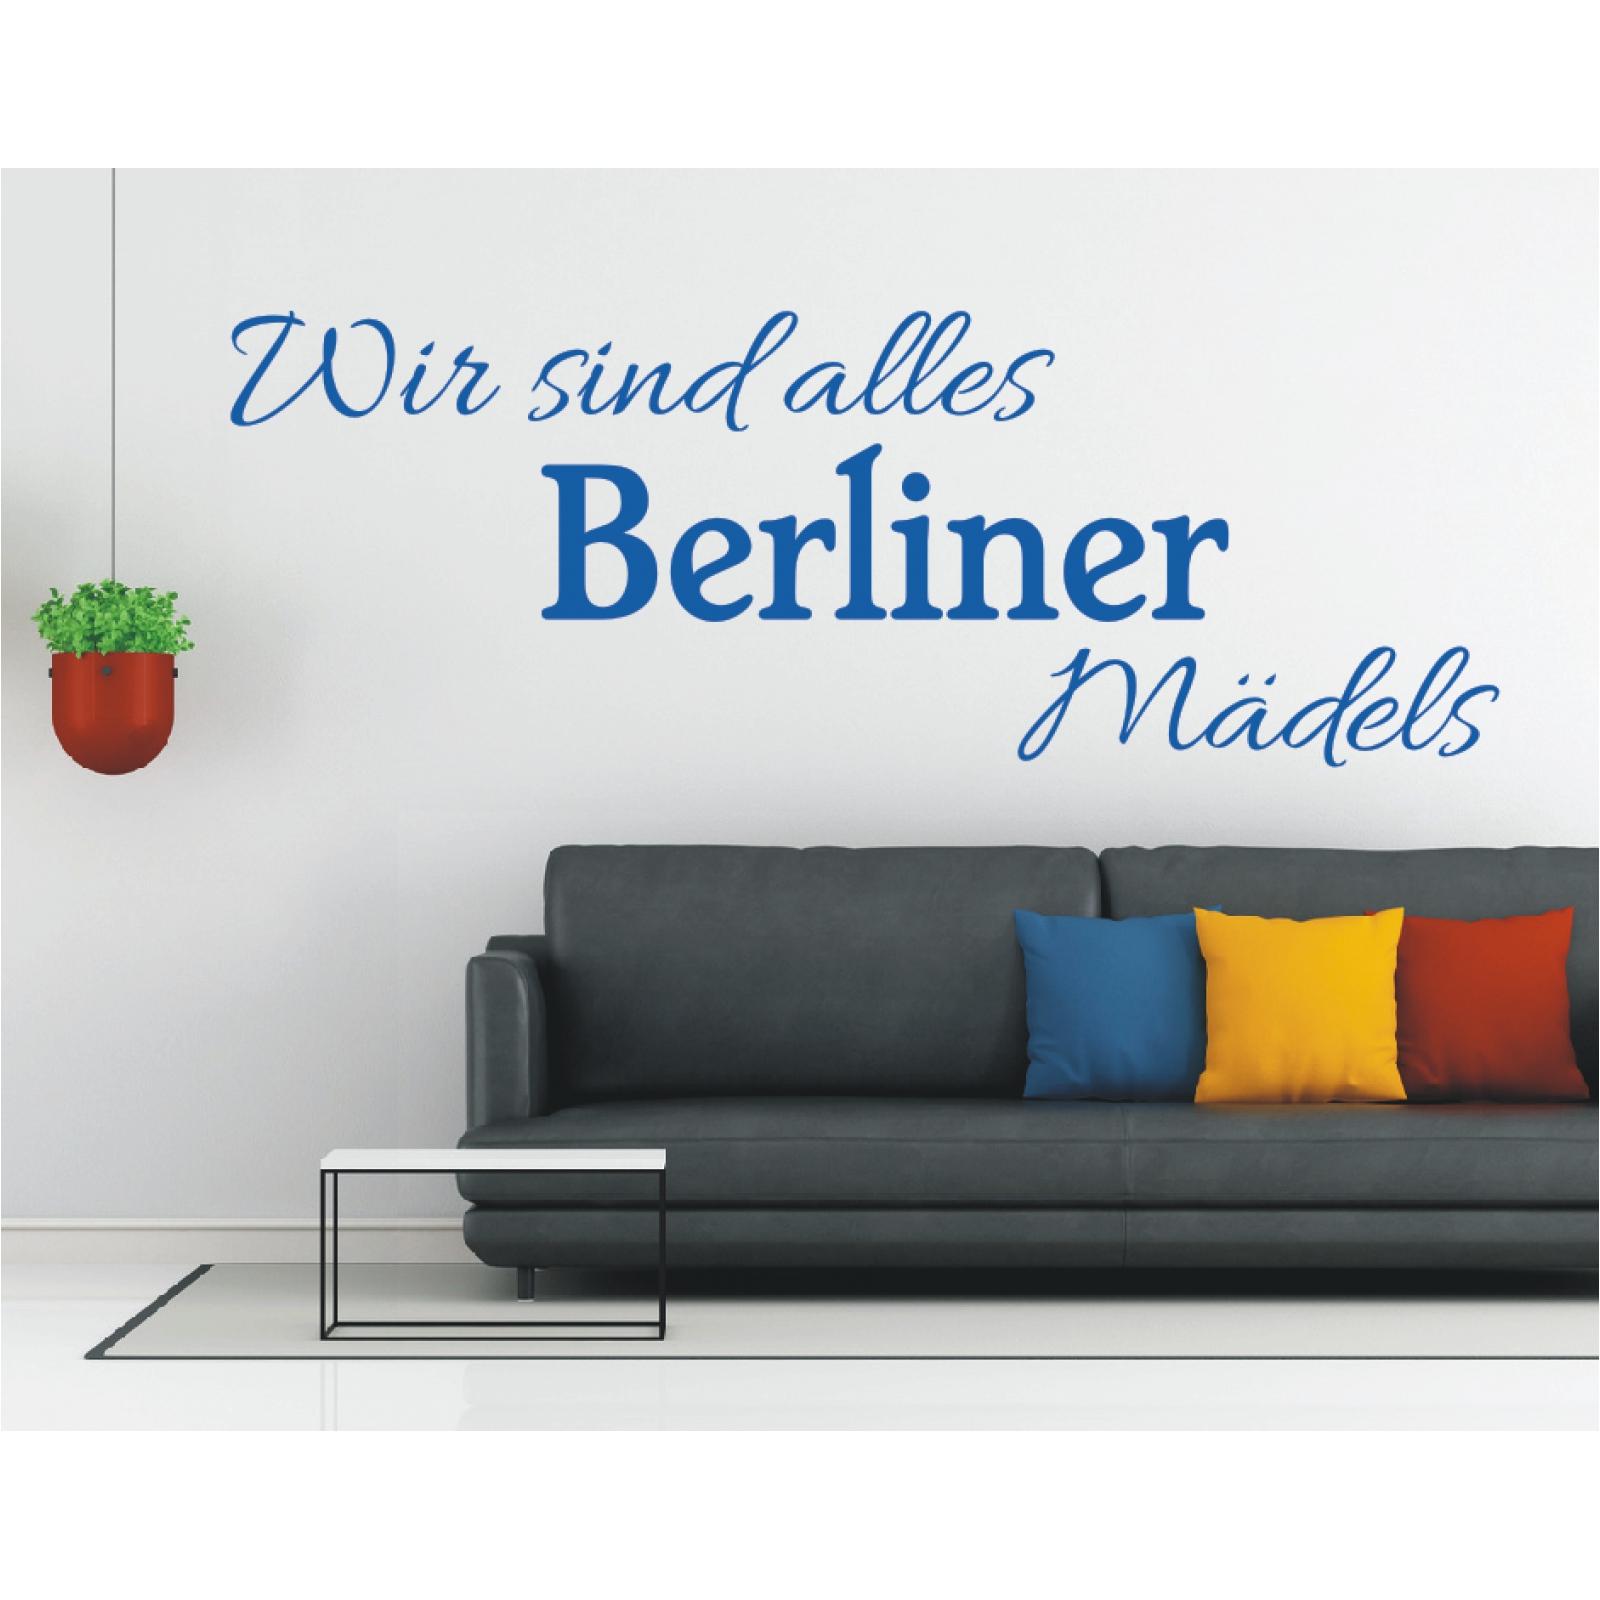 Entzückend Wandtattoo Berlin Galerie Von - Wir Sind Alles Berliner Mädels